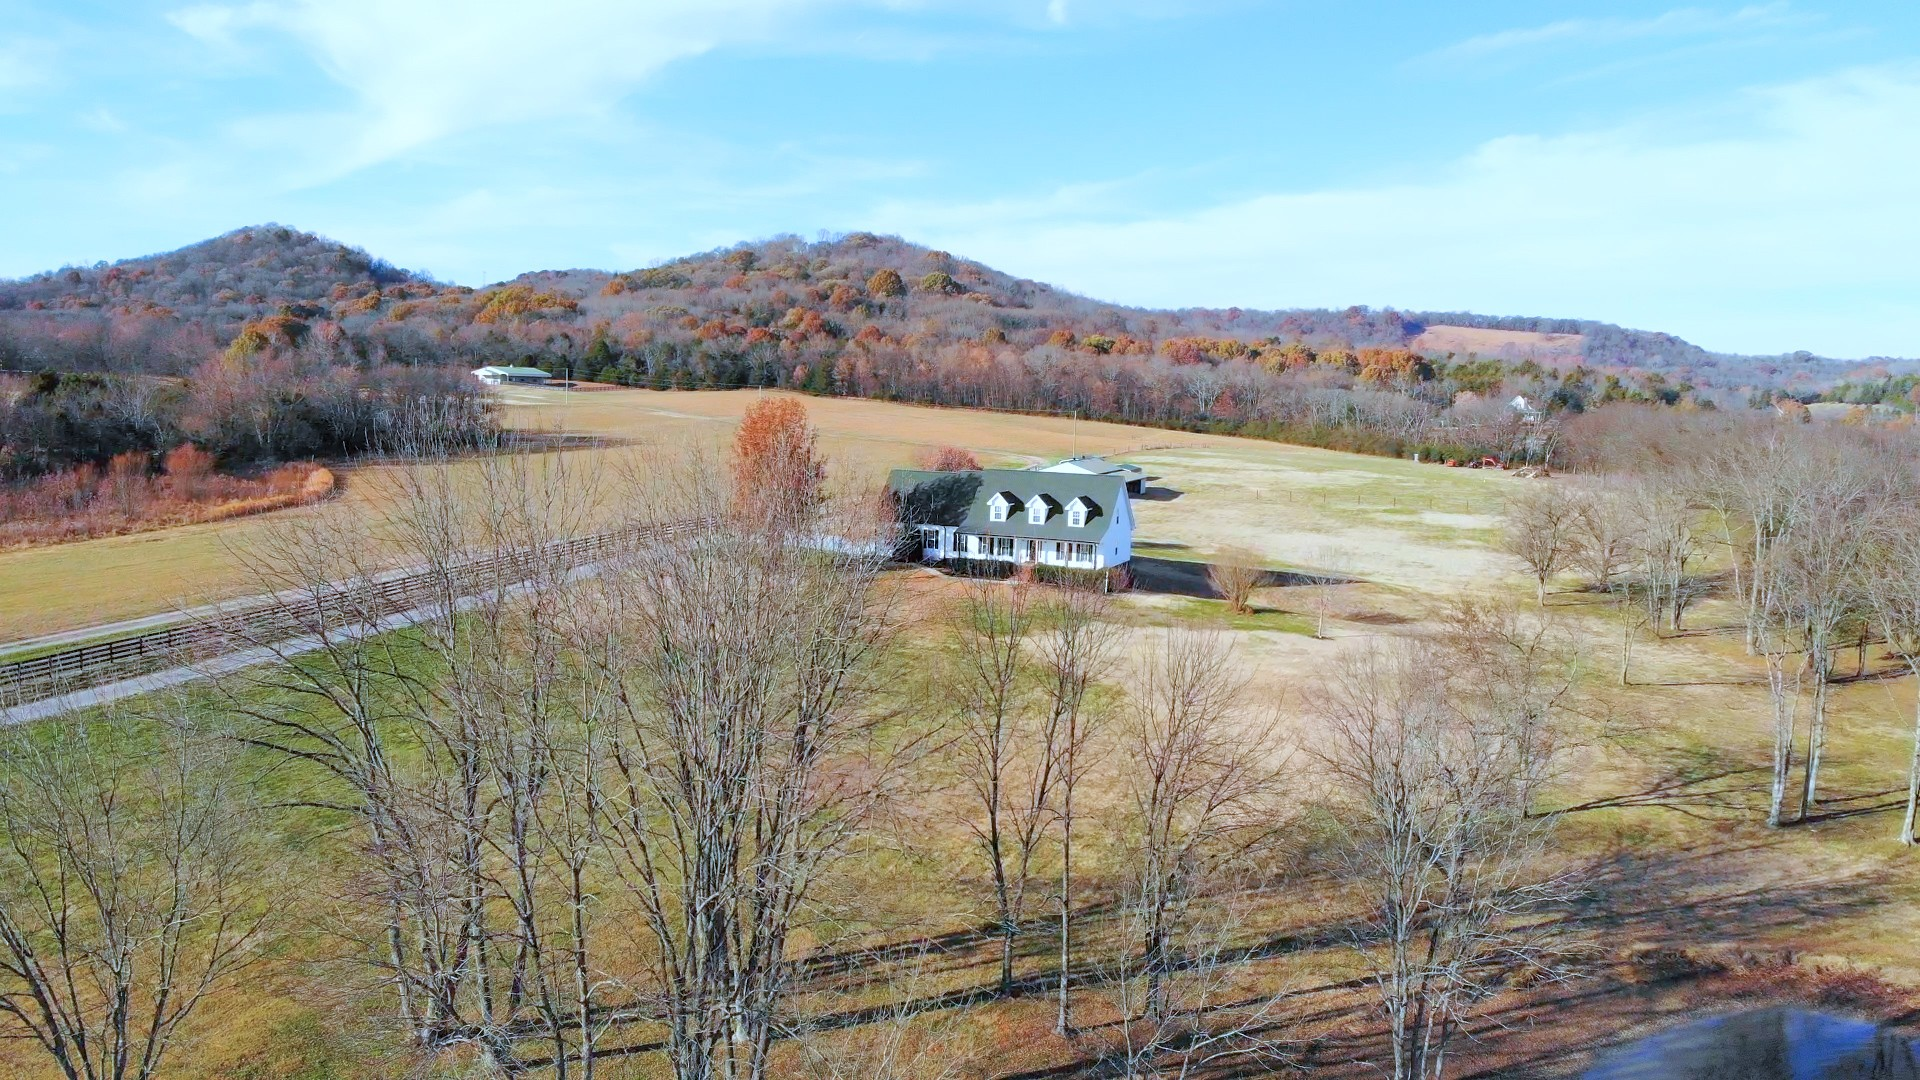 3070 Floyd Rd, Eagleville, TN 37060 - Eagleville, TN real estate listing